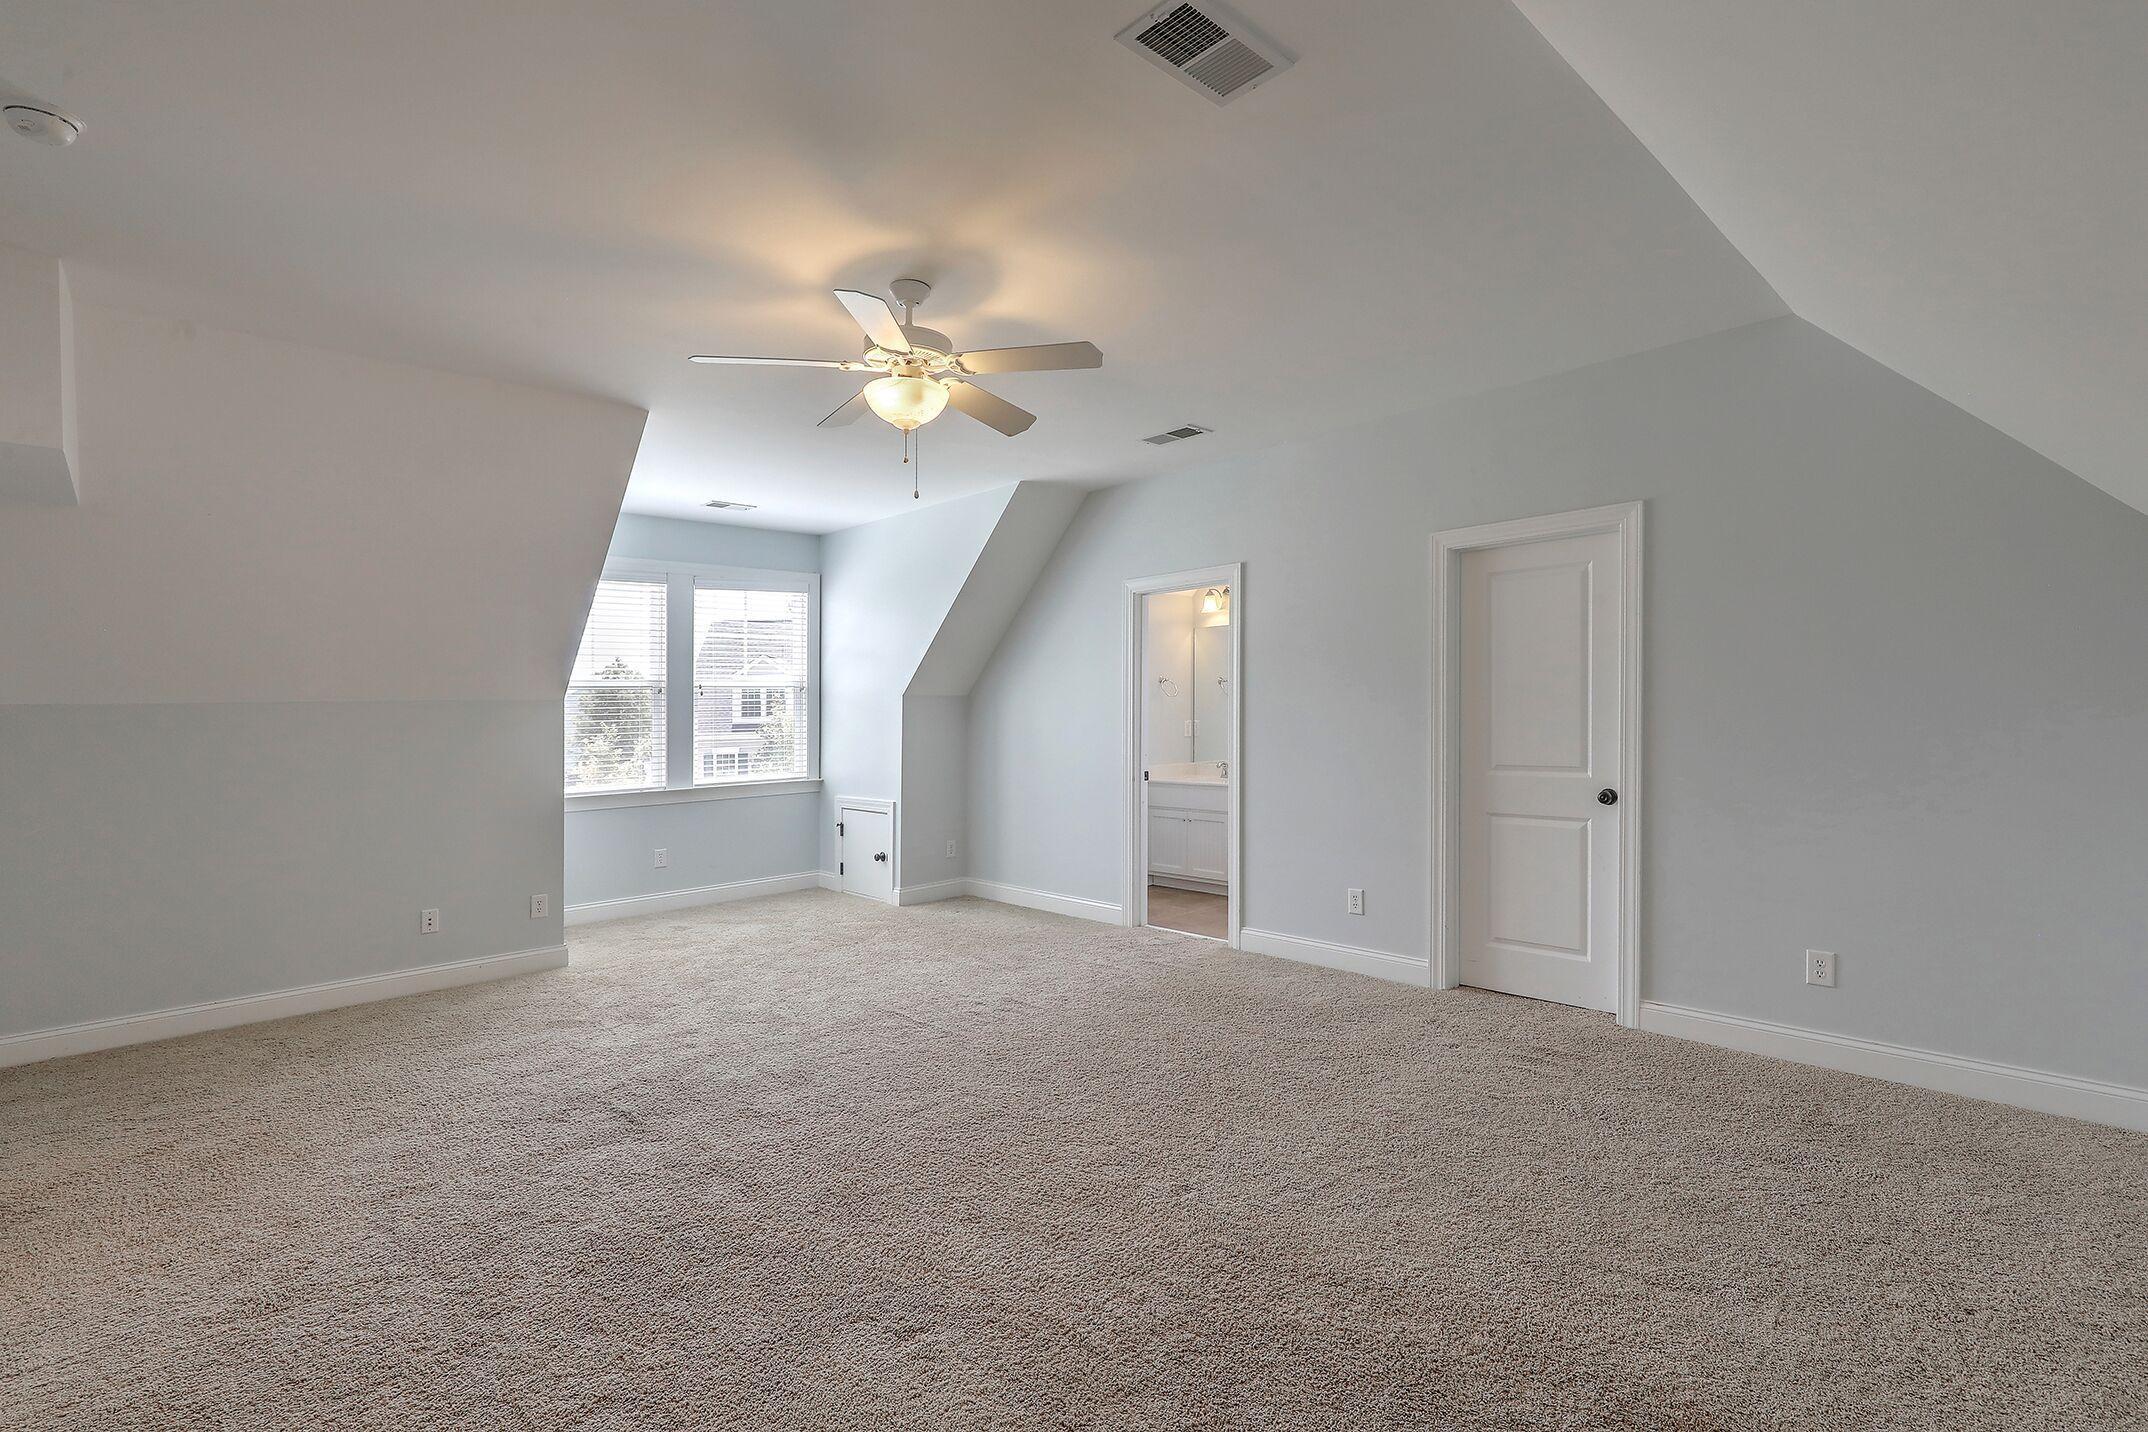 Dunes West Homes For Sale - 2970 Sturbridge, Mount Pleasant, SC - 47